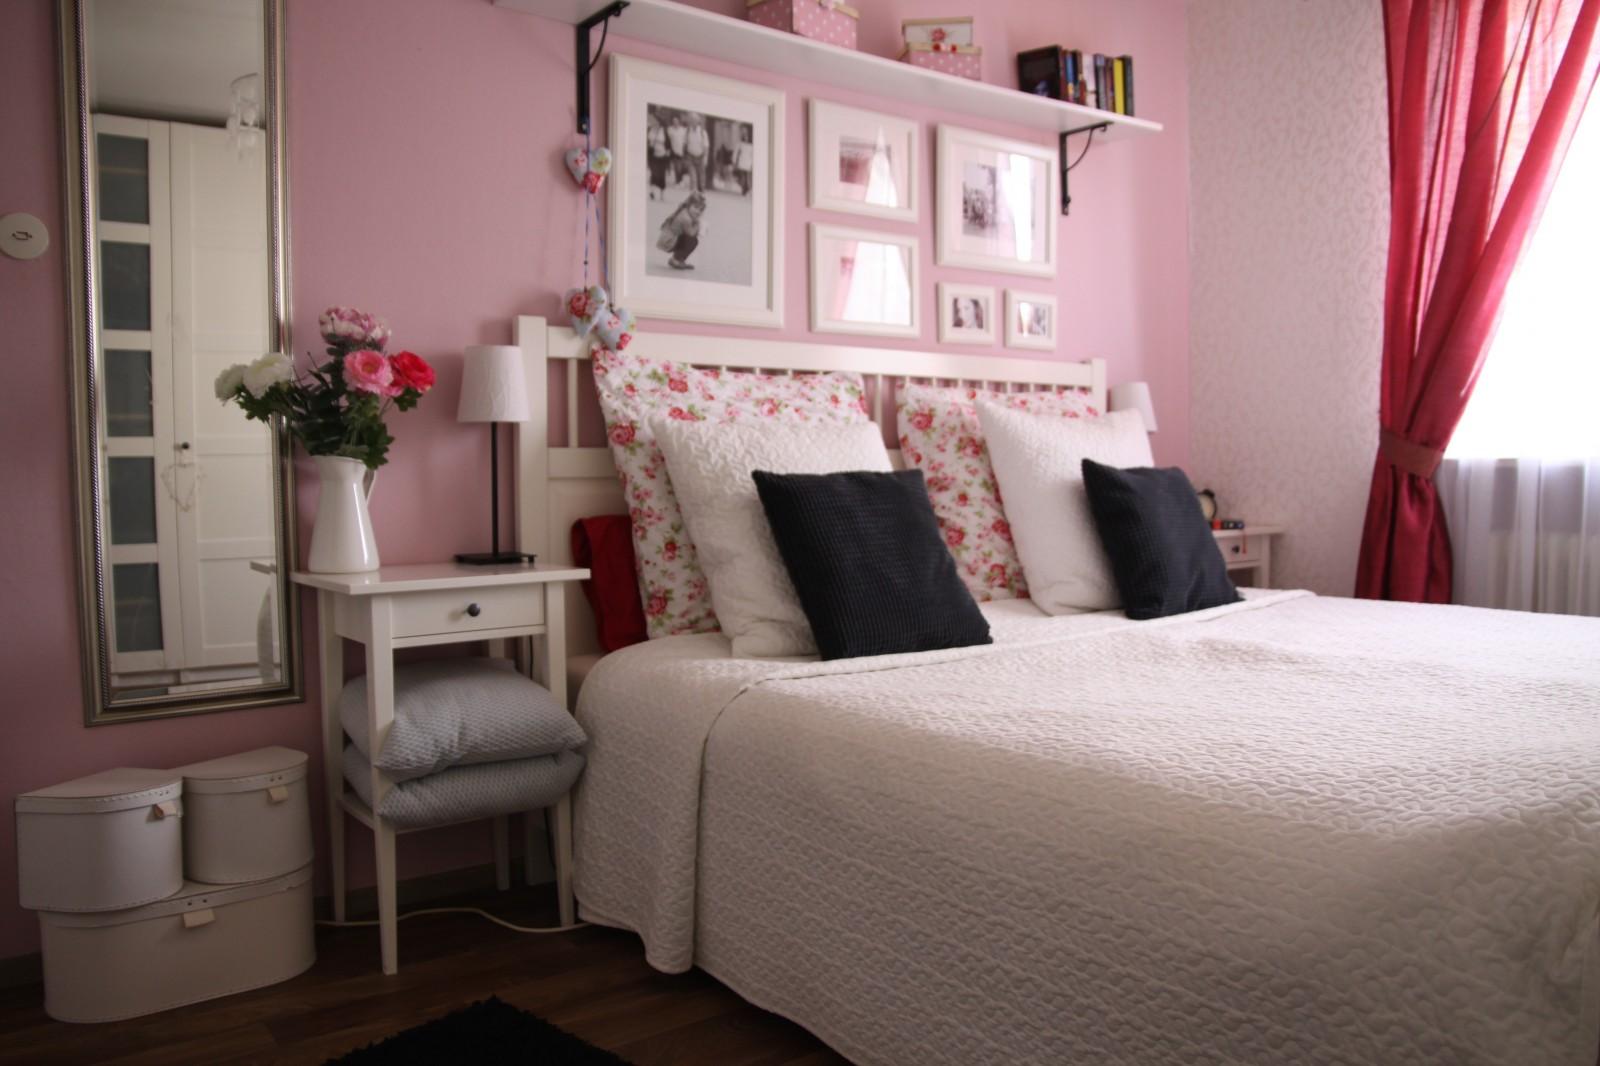 Wohnideen Schlafzimmer | Schlafzimmer Wohnideen Einrichtung Zimmerschau